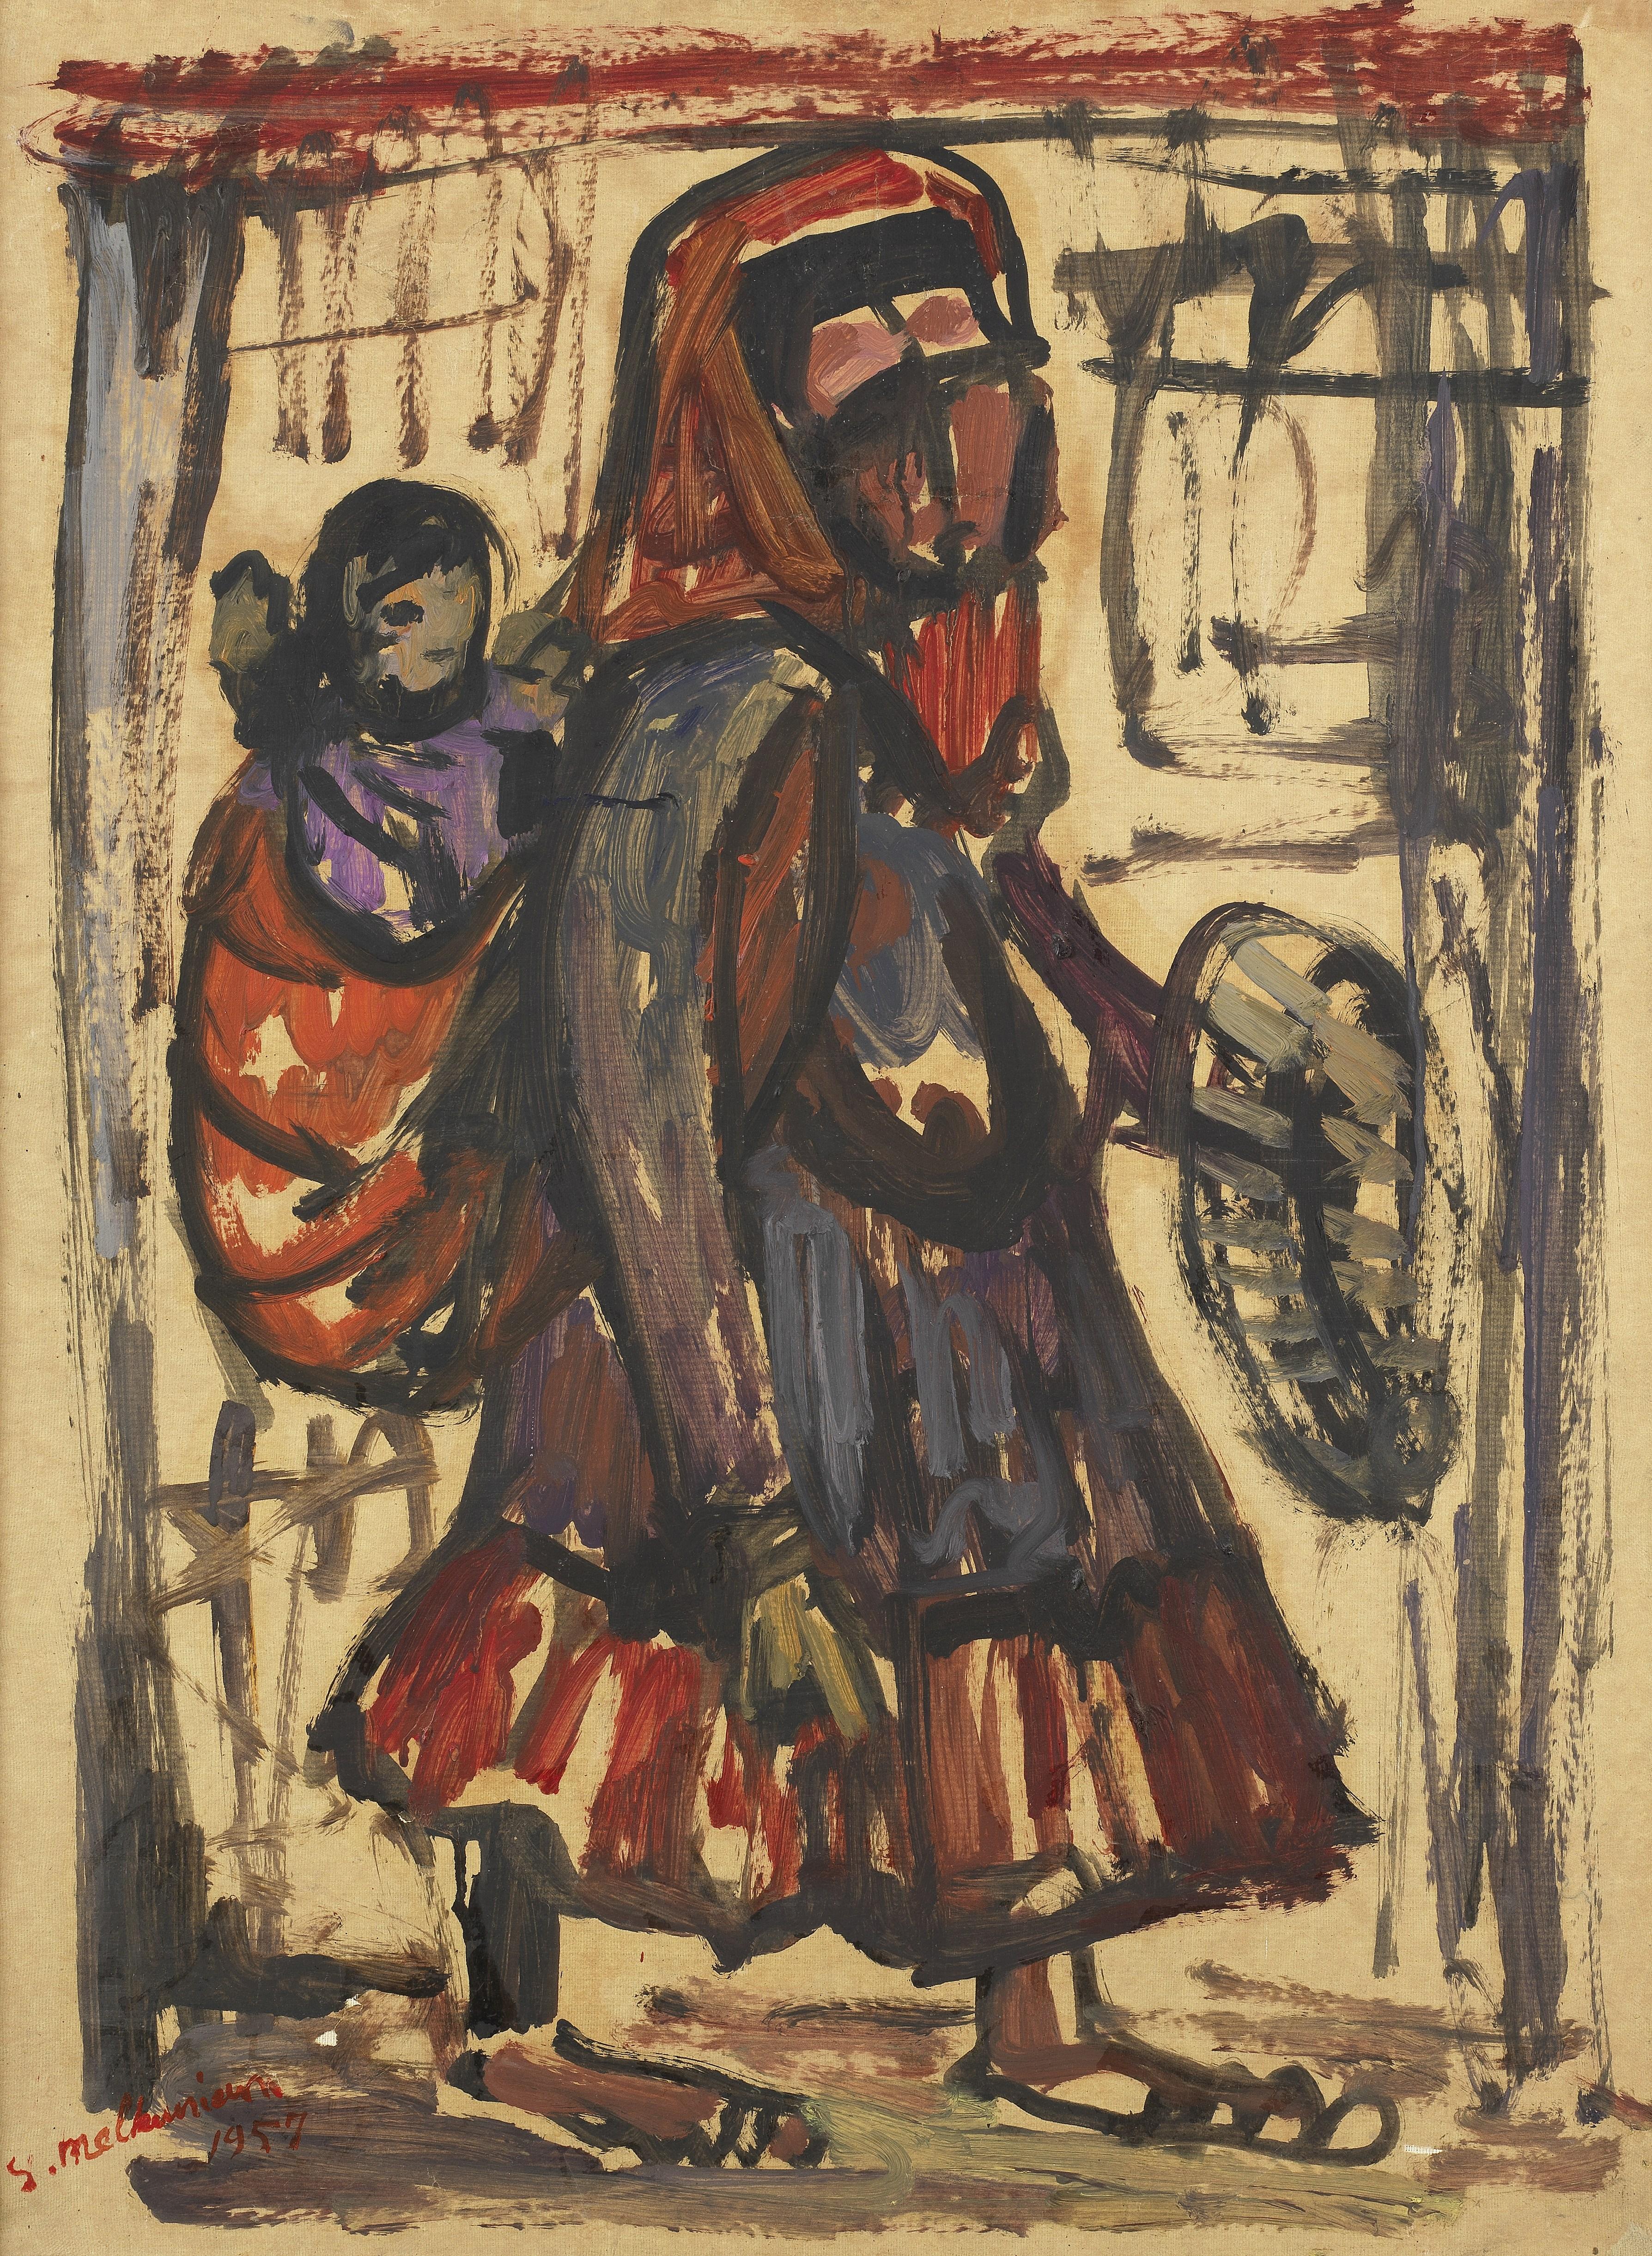 Sirak Melkonian (Iran, born 1931) Motherhood